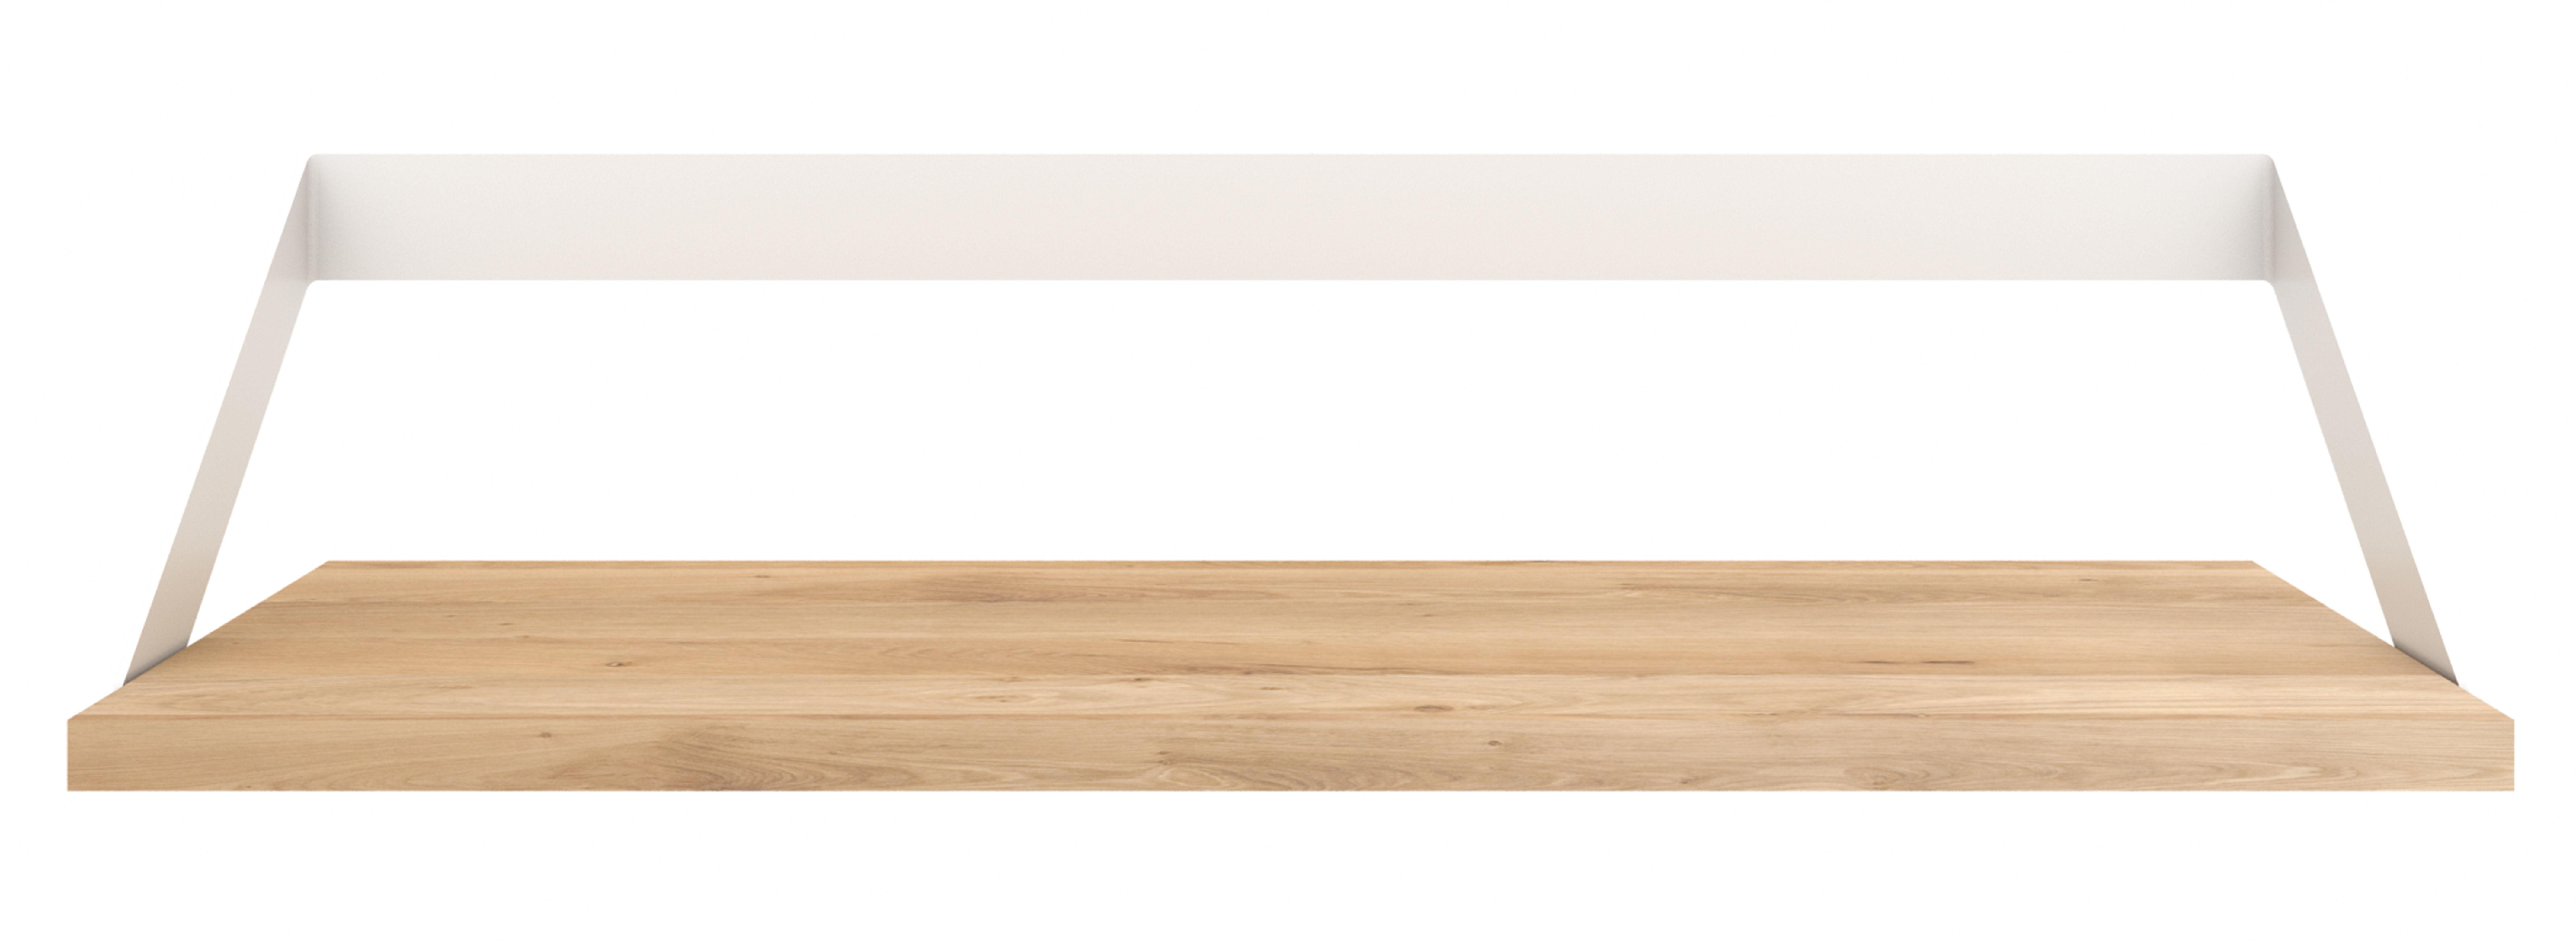 ribbon wandregal 70 x 17 cm universo positivo regal. Black Bedroom Furniture Sets. Home Design Ideas